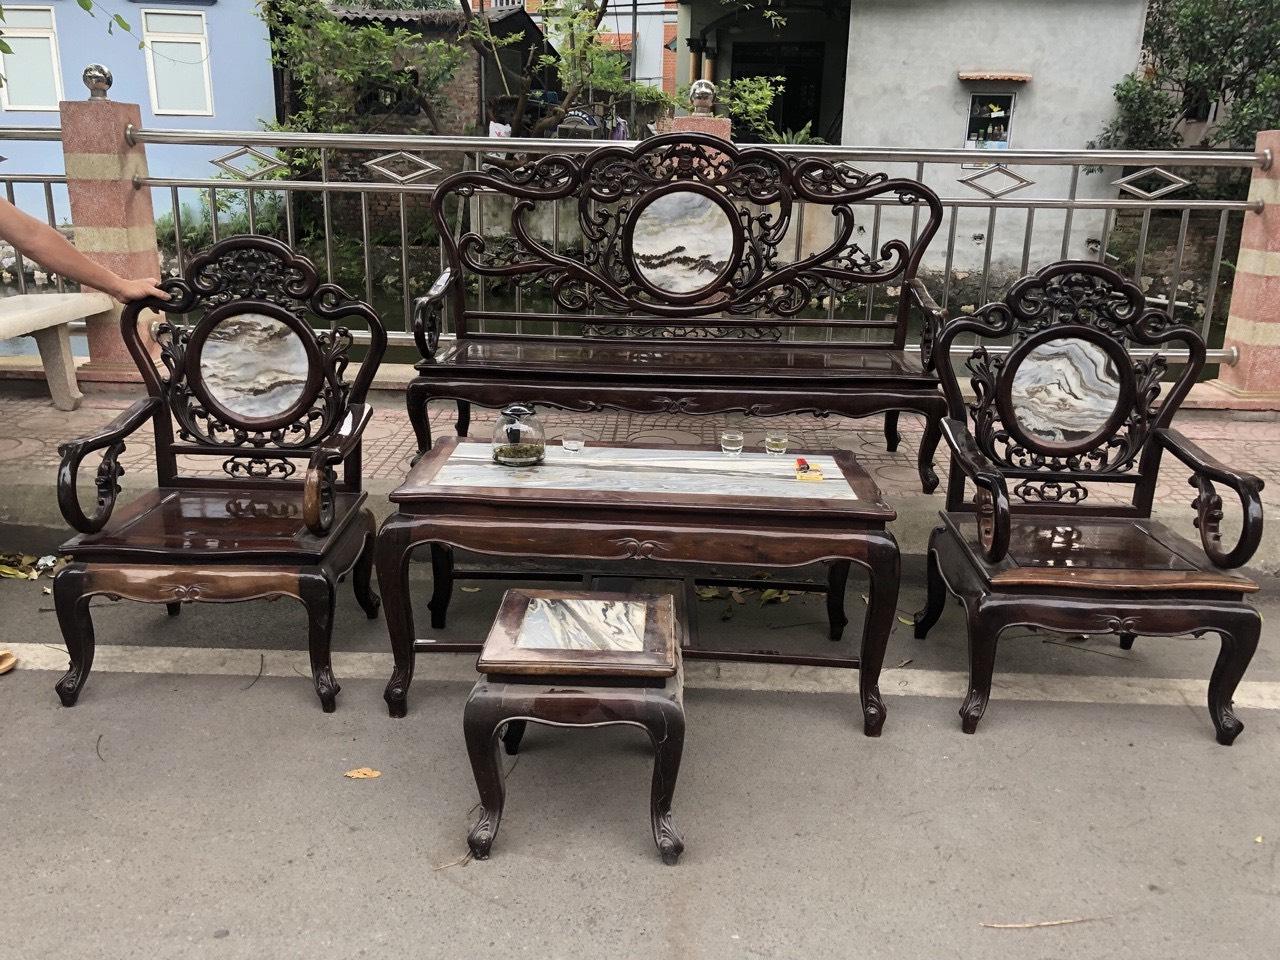 Bạn cần bán bộ bàn ghế gỗ gụ cũ hãy liên hệ chúng tôi ngay